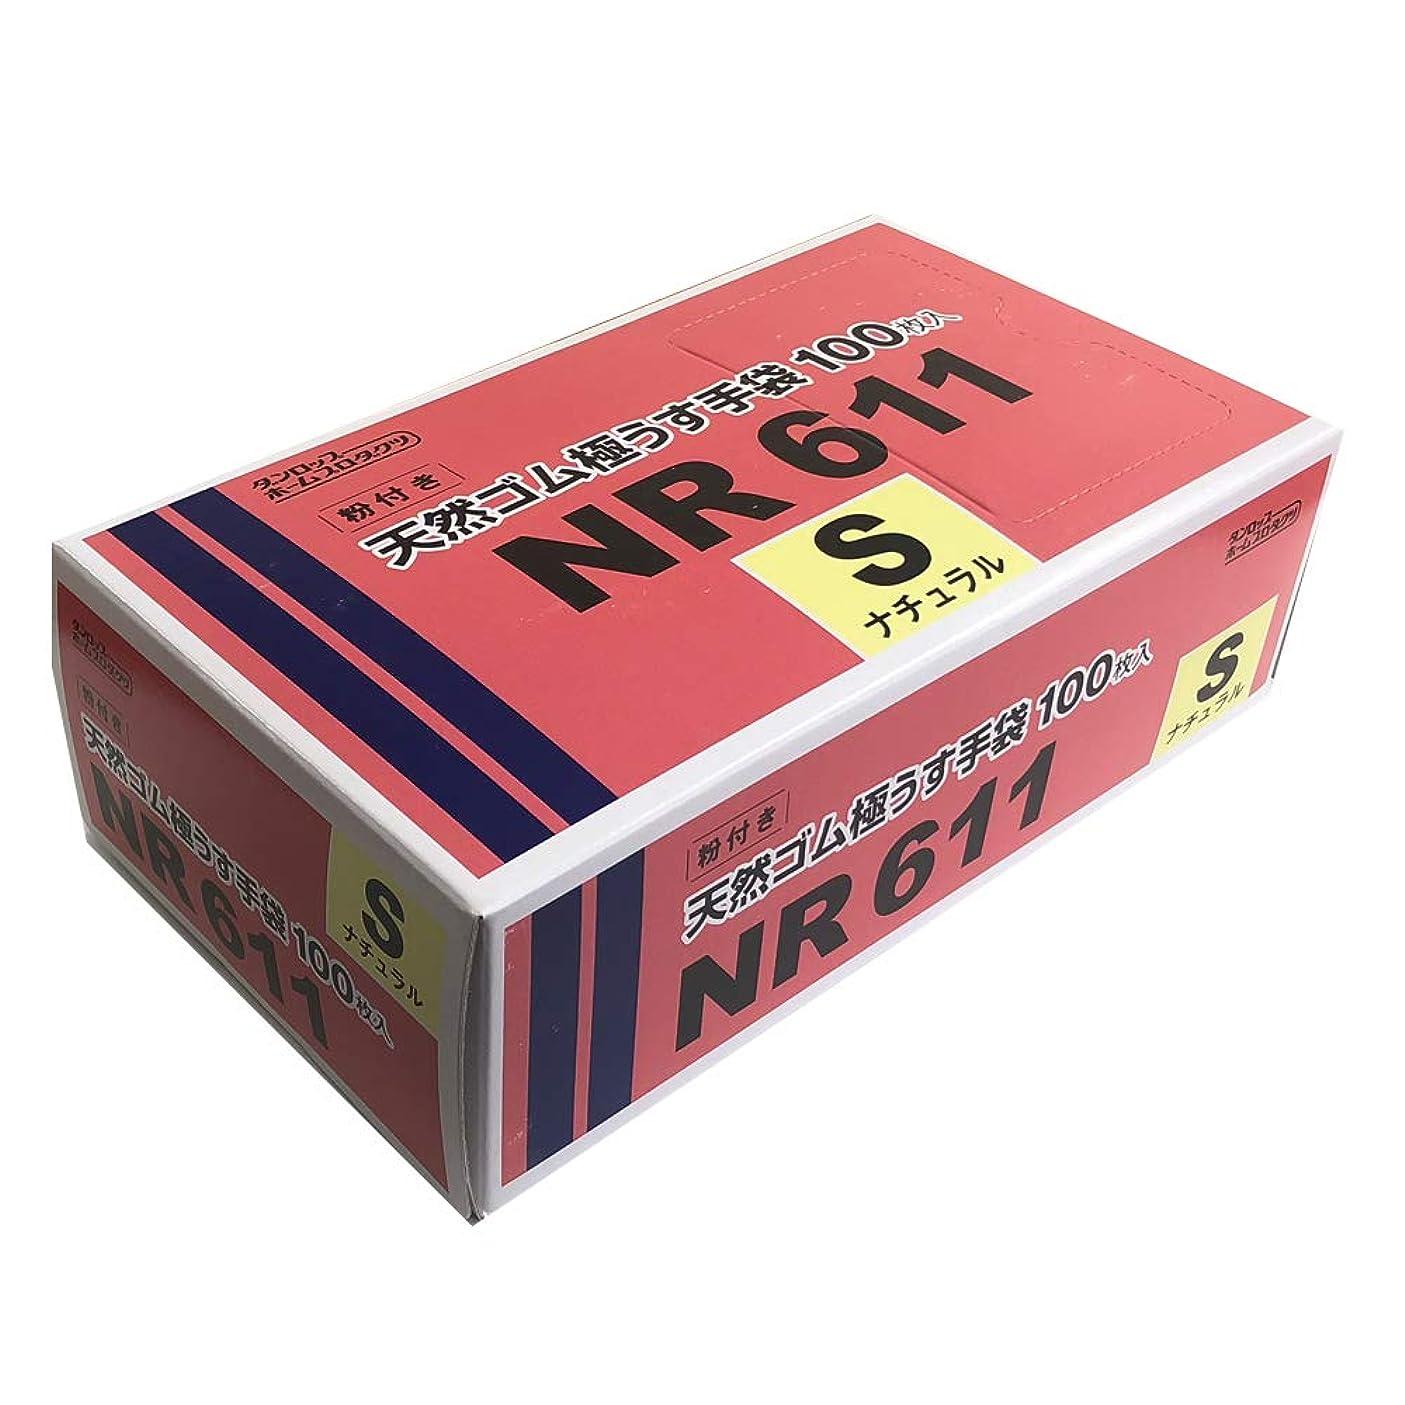 写真撮影豊富にシェルターDP NR611 粉付天然ゴム極薄手袋S-N